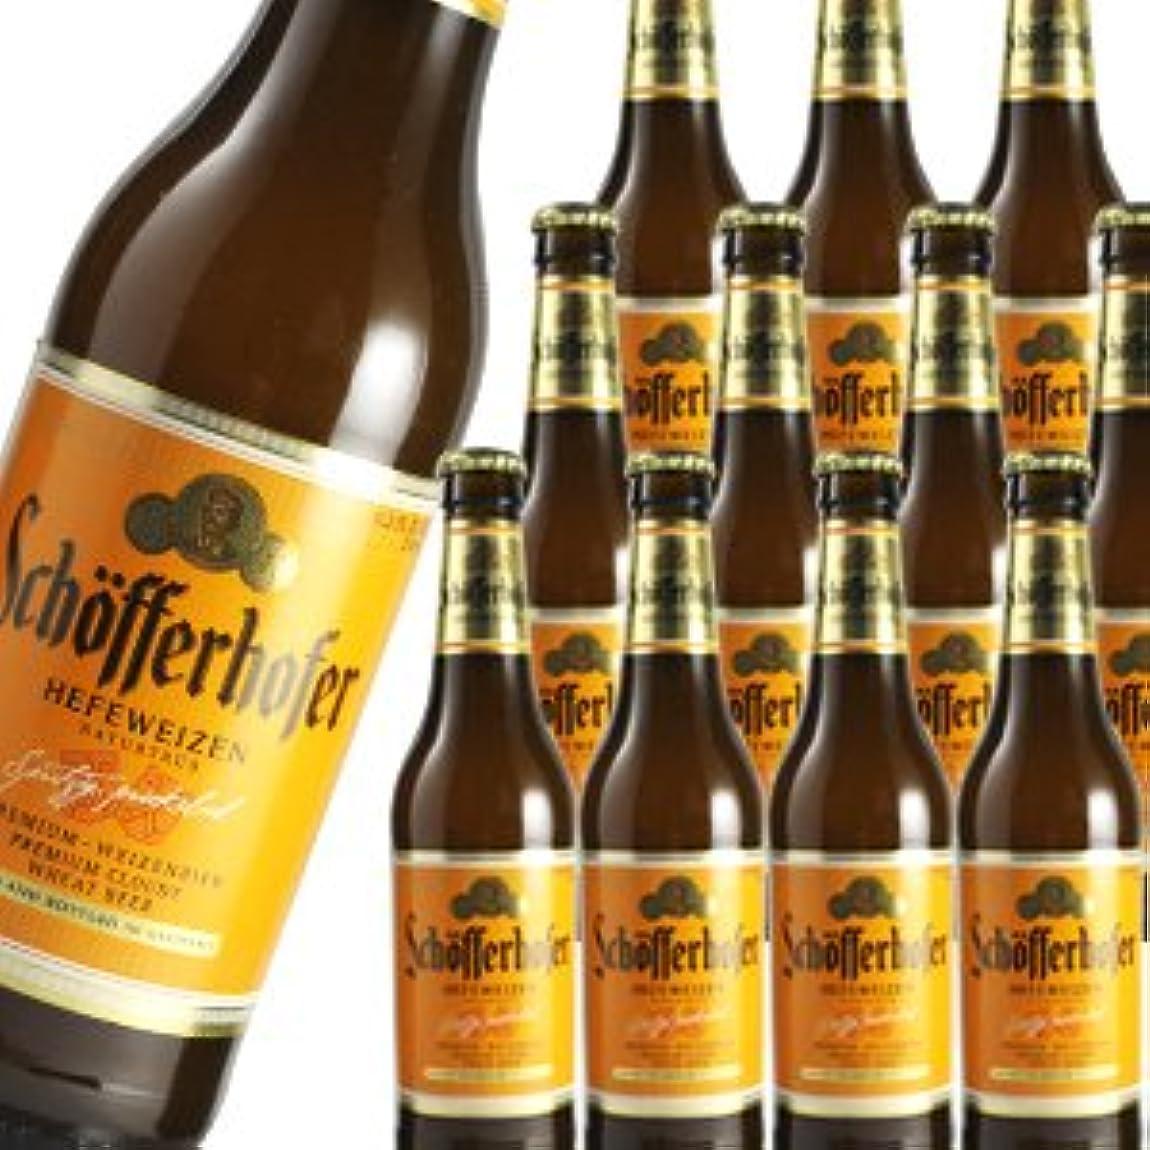 偽善大きなスケールで見ると補助金ドイツビール シェッファーホッファー ヘフェヴァイツェン 330ml瓶×24本